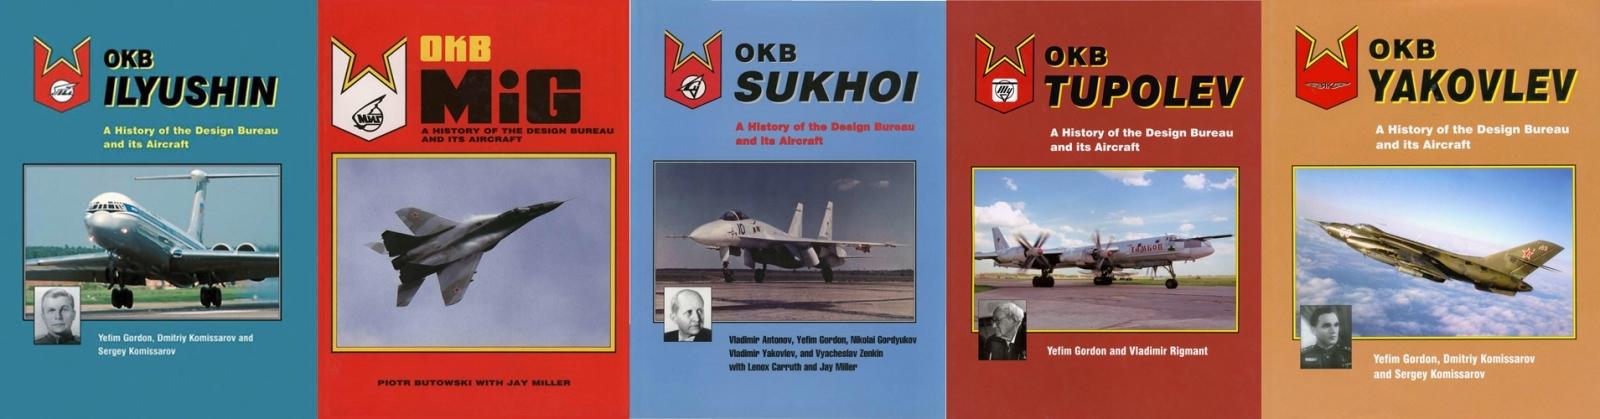 OKB Ilyushin, OKB MiG, OKB Sukhoi, OKB Tupolev, OKB Yakovlev